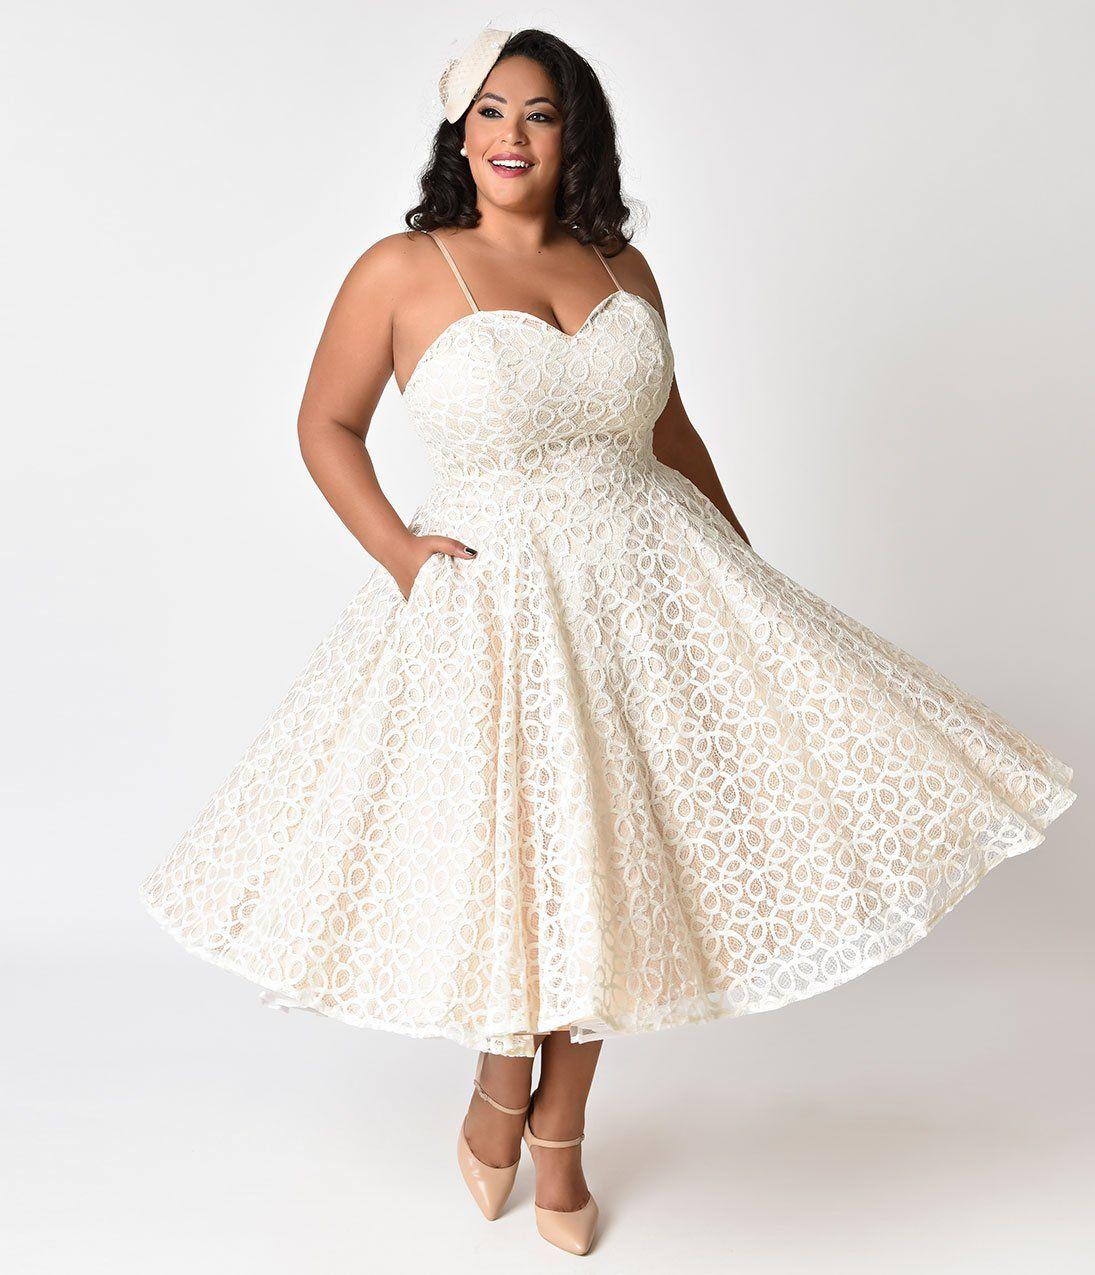 1950s Plus Size Dresses, Clothing | Plus size dresses ...